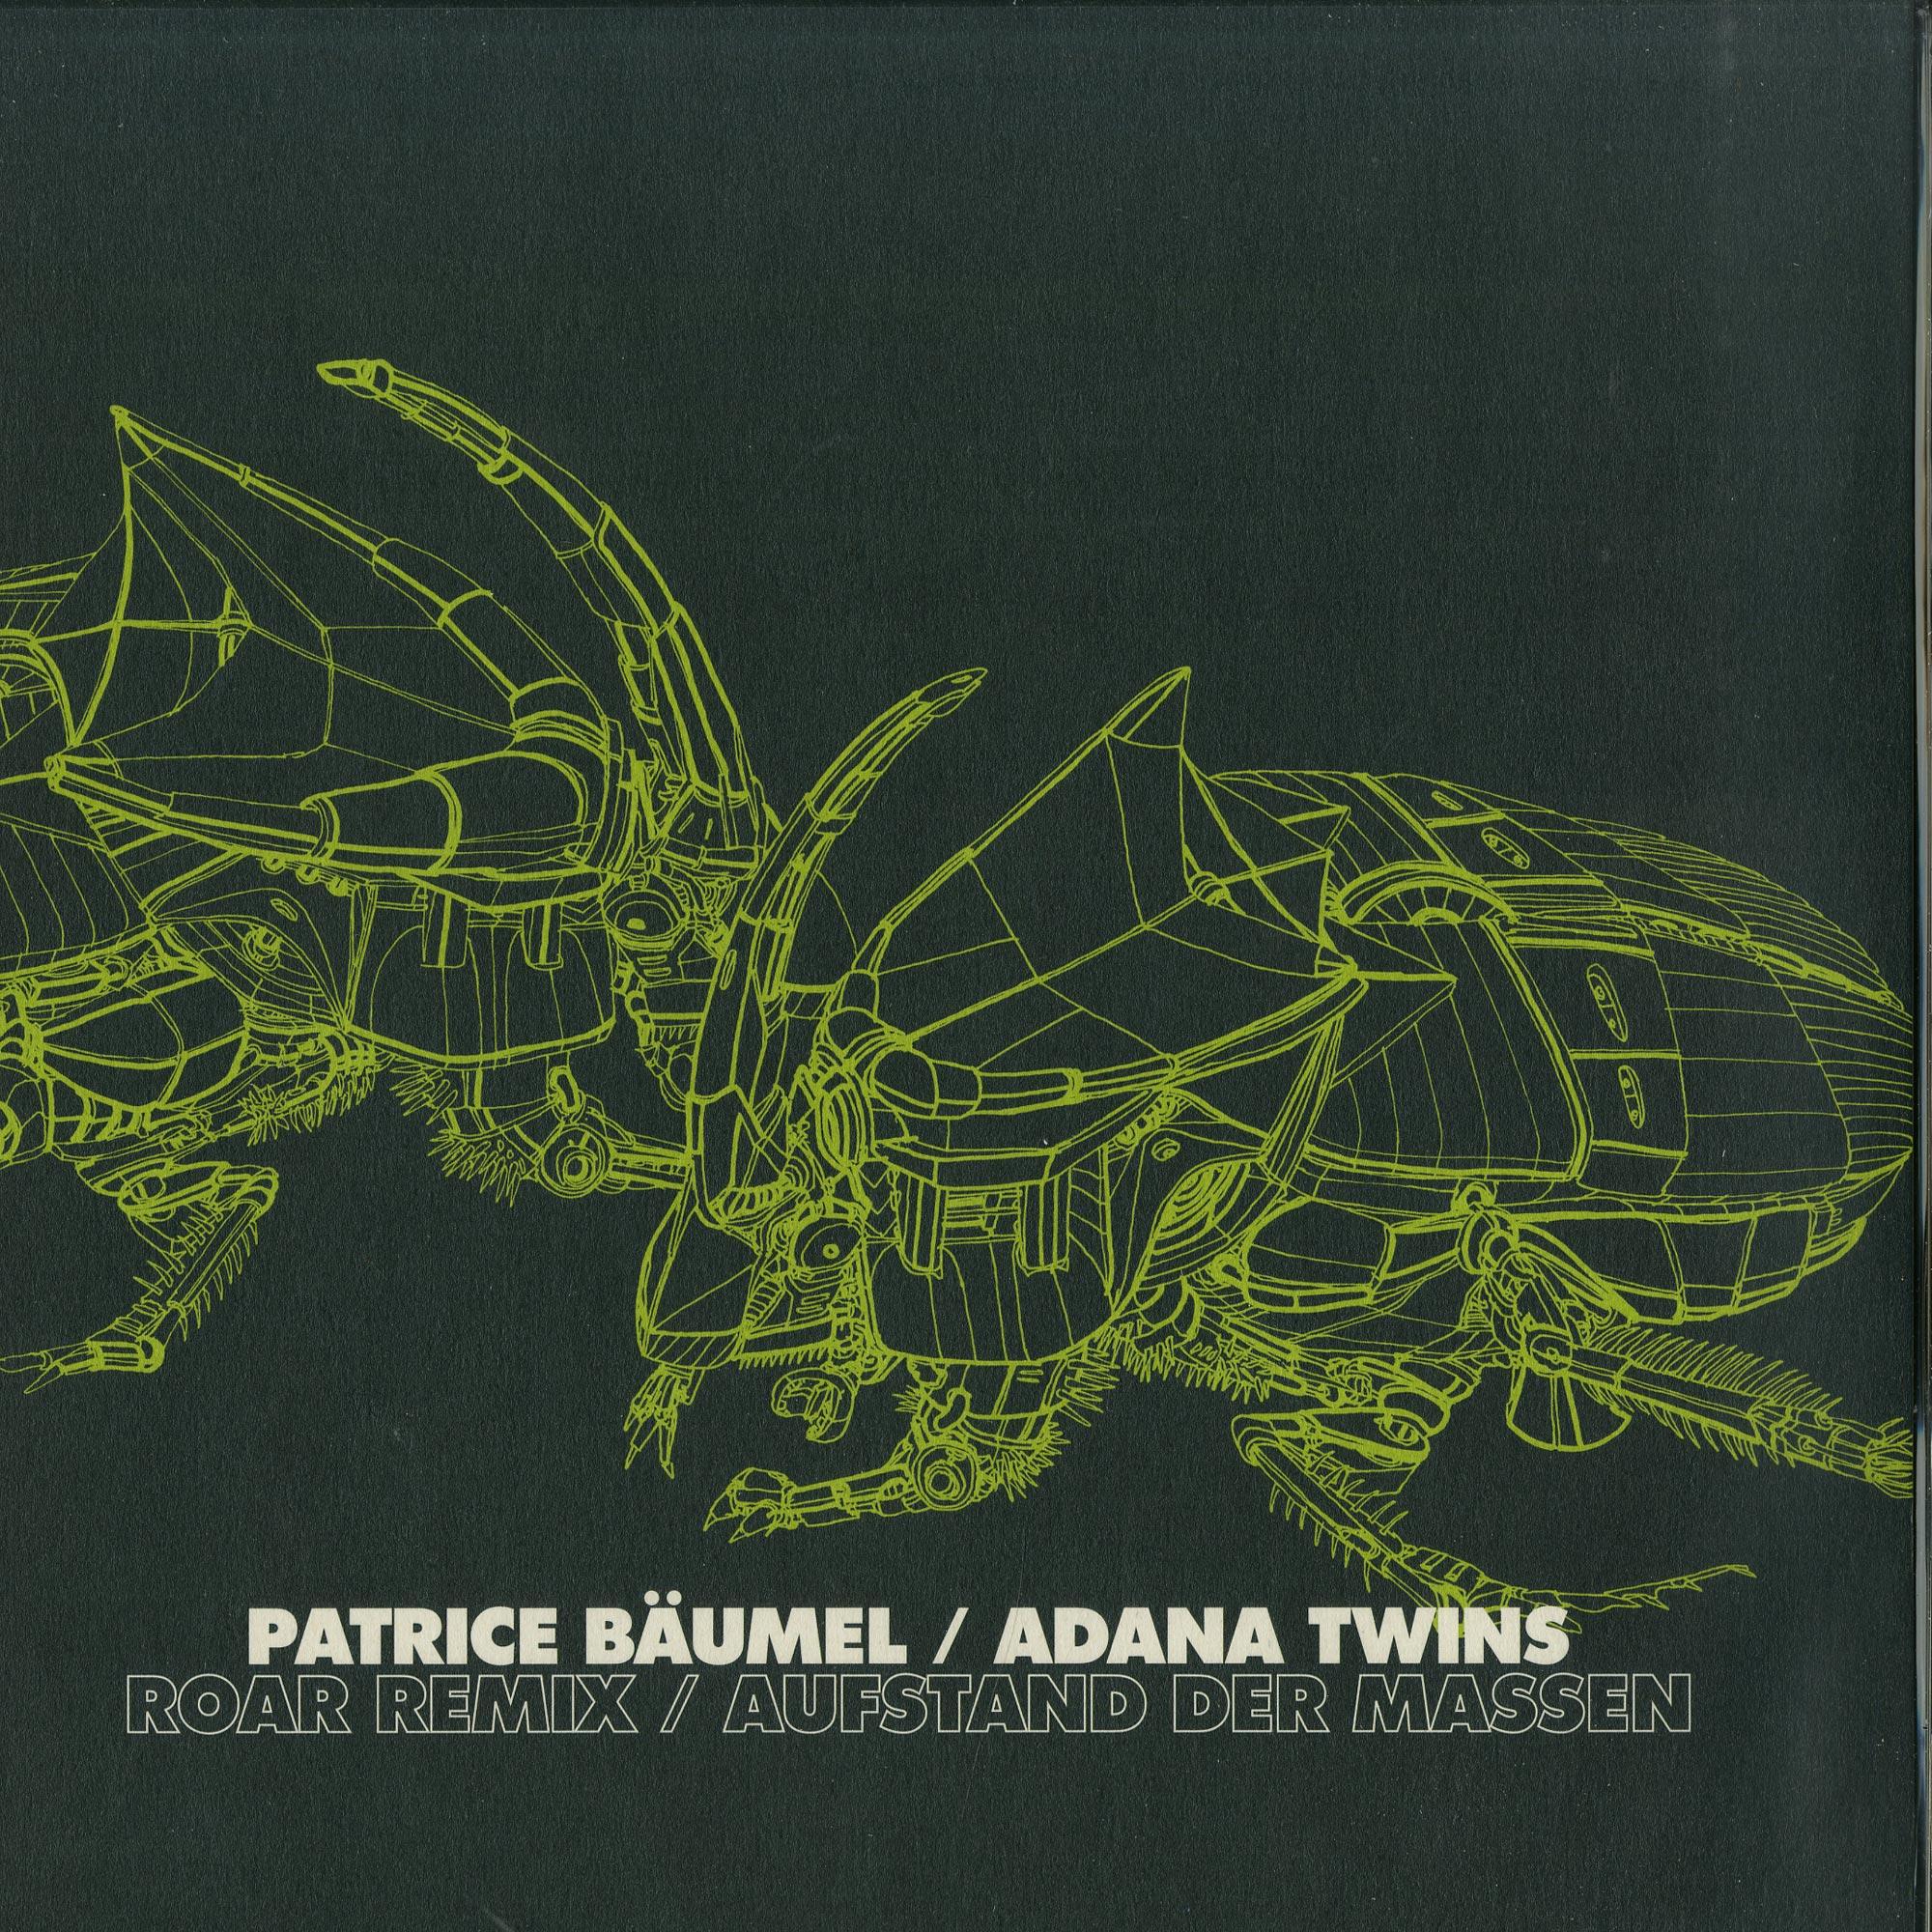 Patrice Baeumel, Adana Twins - ROARS REMIX / AUFSTAND DER MASSEN